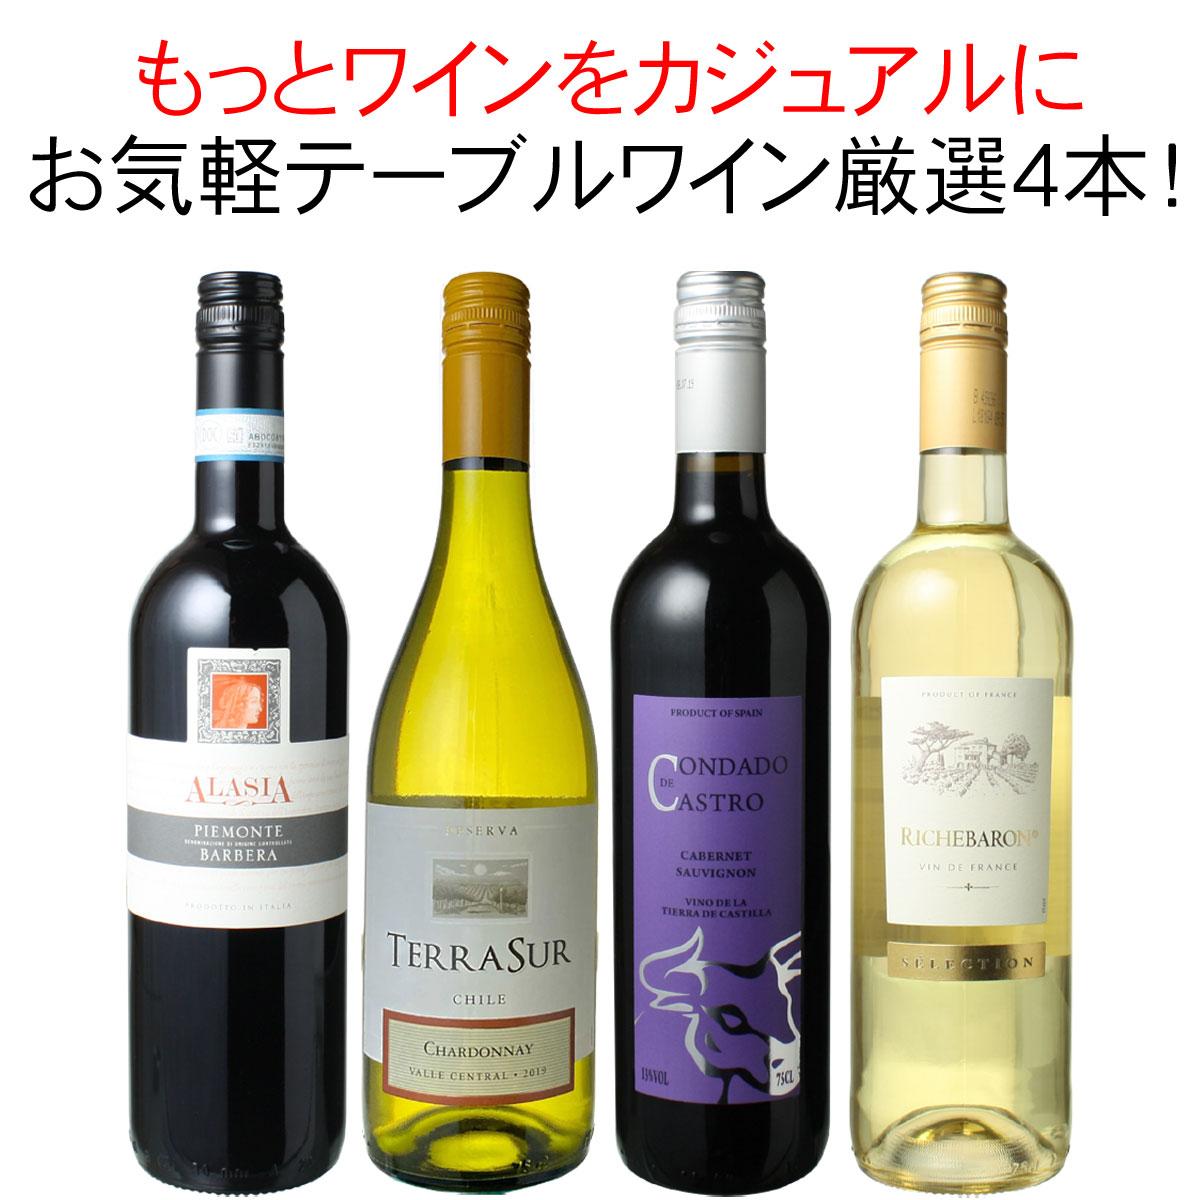 ワインセット テーブルワイン 4本 セット 赤ワイン 白ワイン デイリーワイン 家飲み 御祝 誕生日 ハロウィン ギフト お気軽ワイン